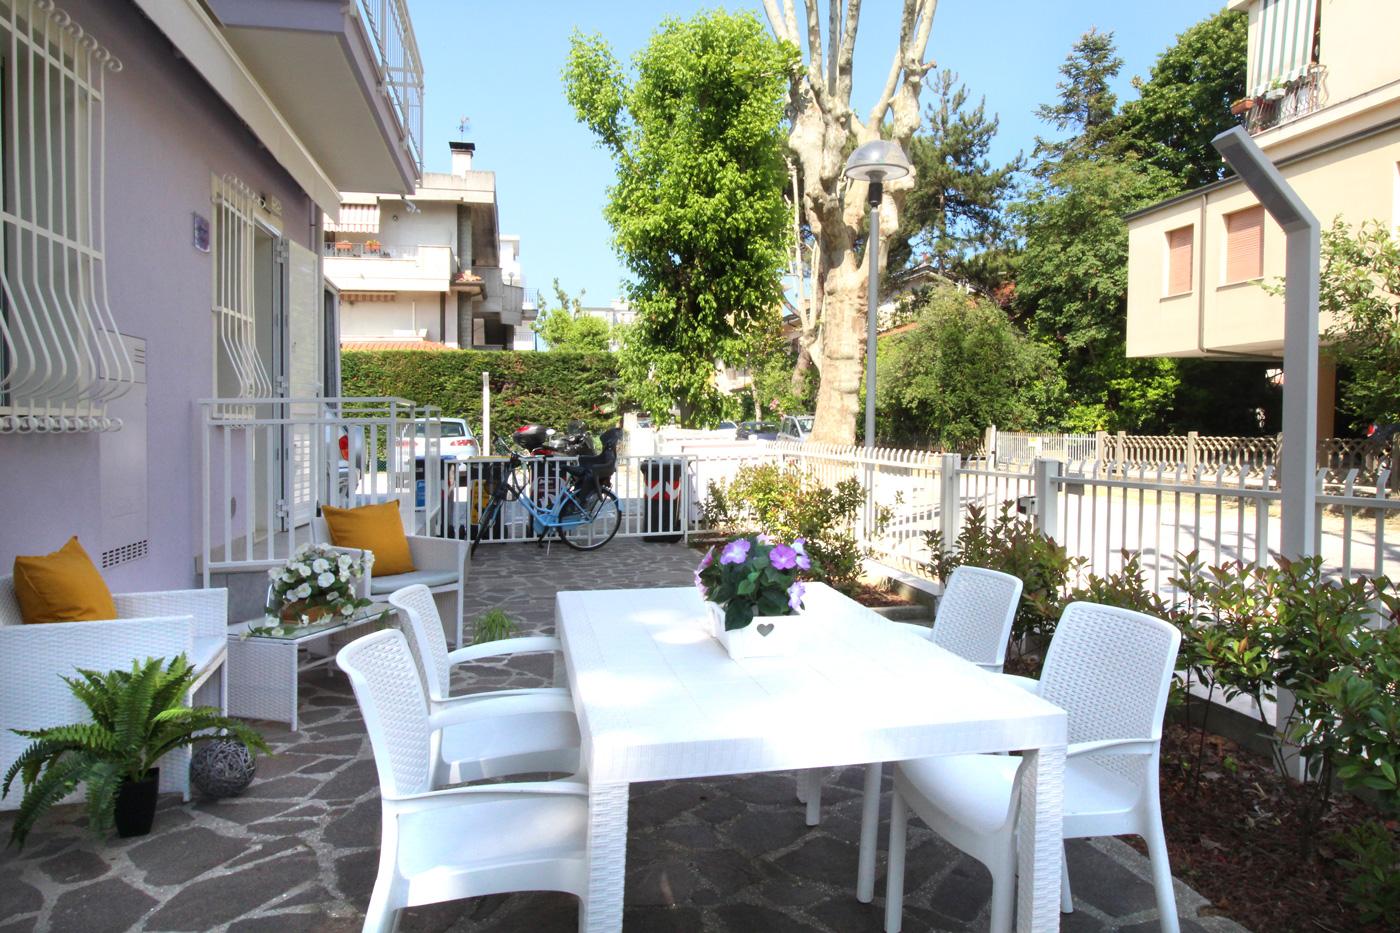 Appartamento thomas romagna case vacanze san mauro mare gatteo mare_8865_2